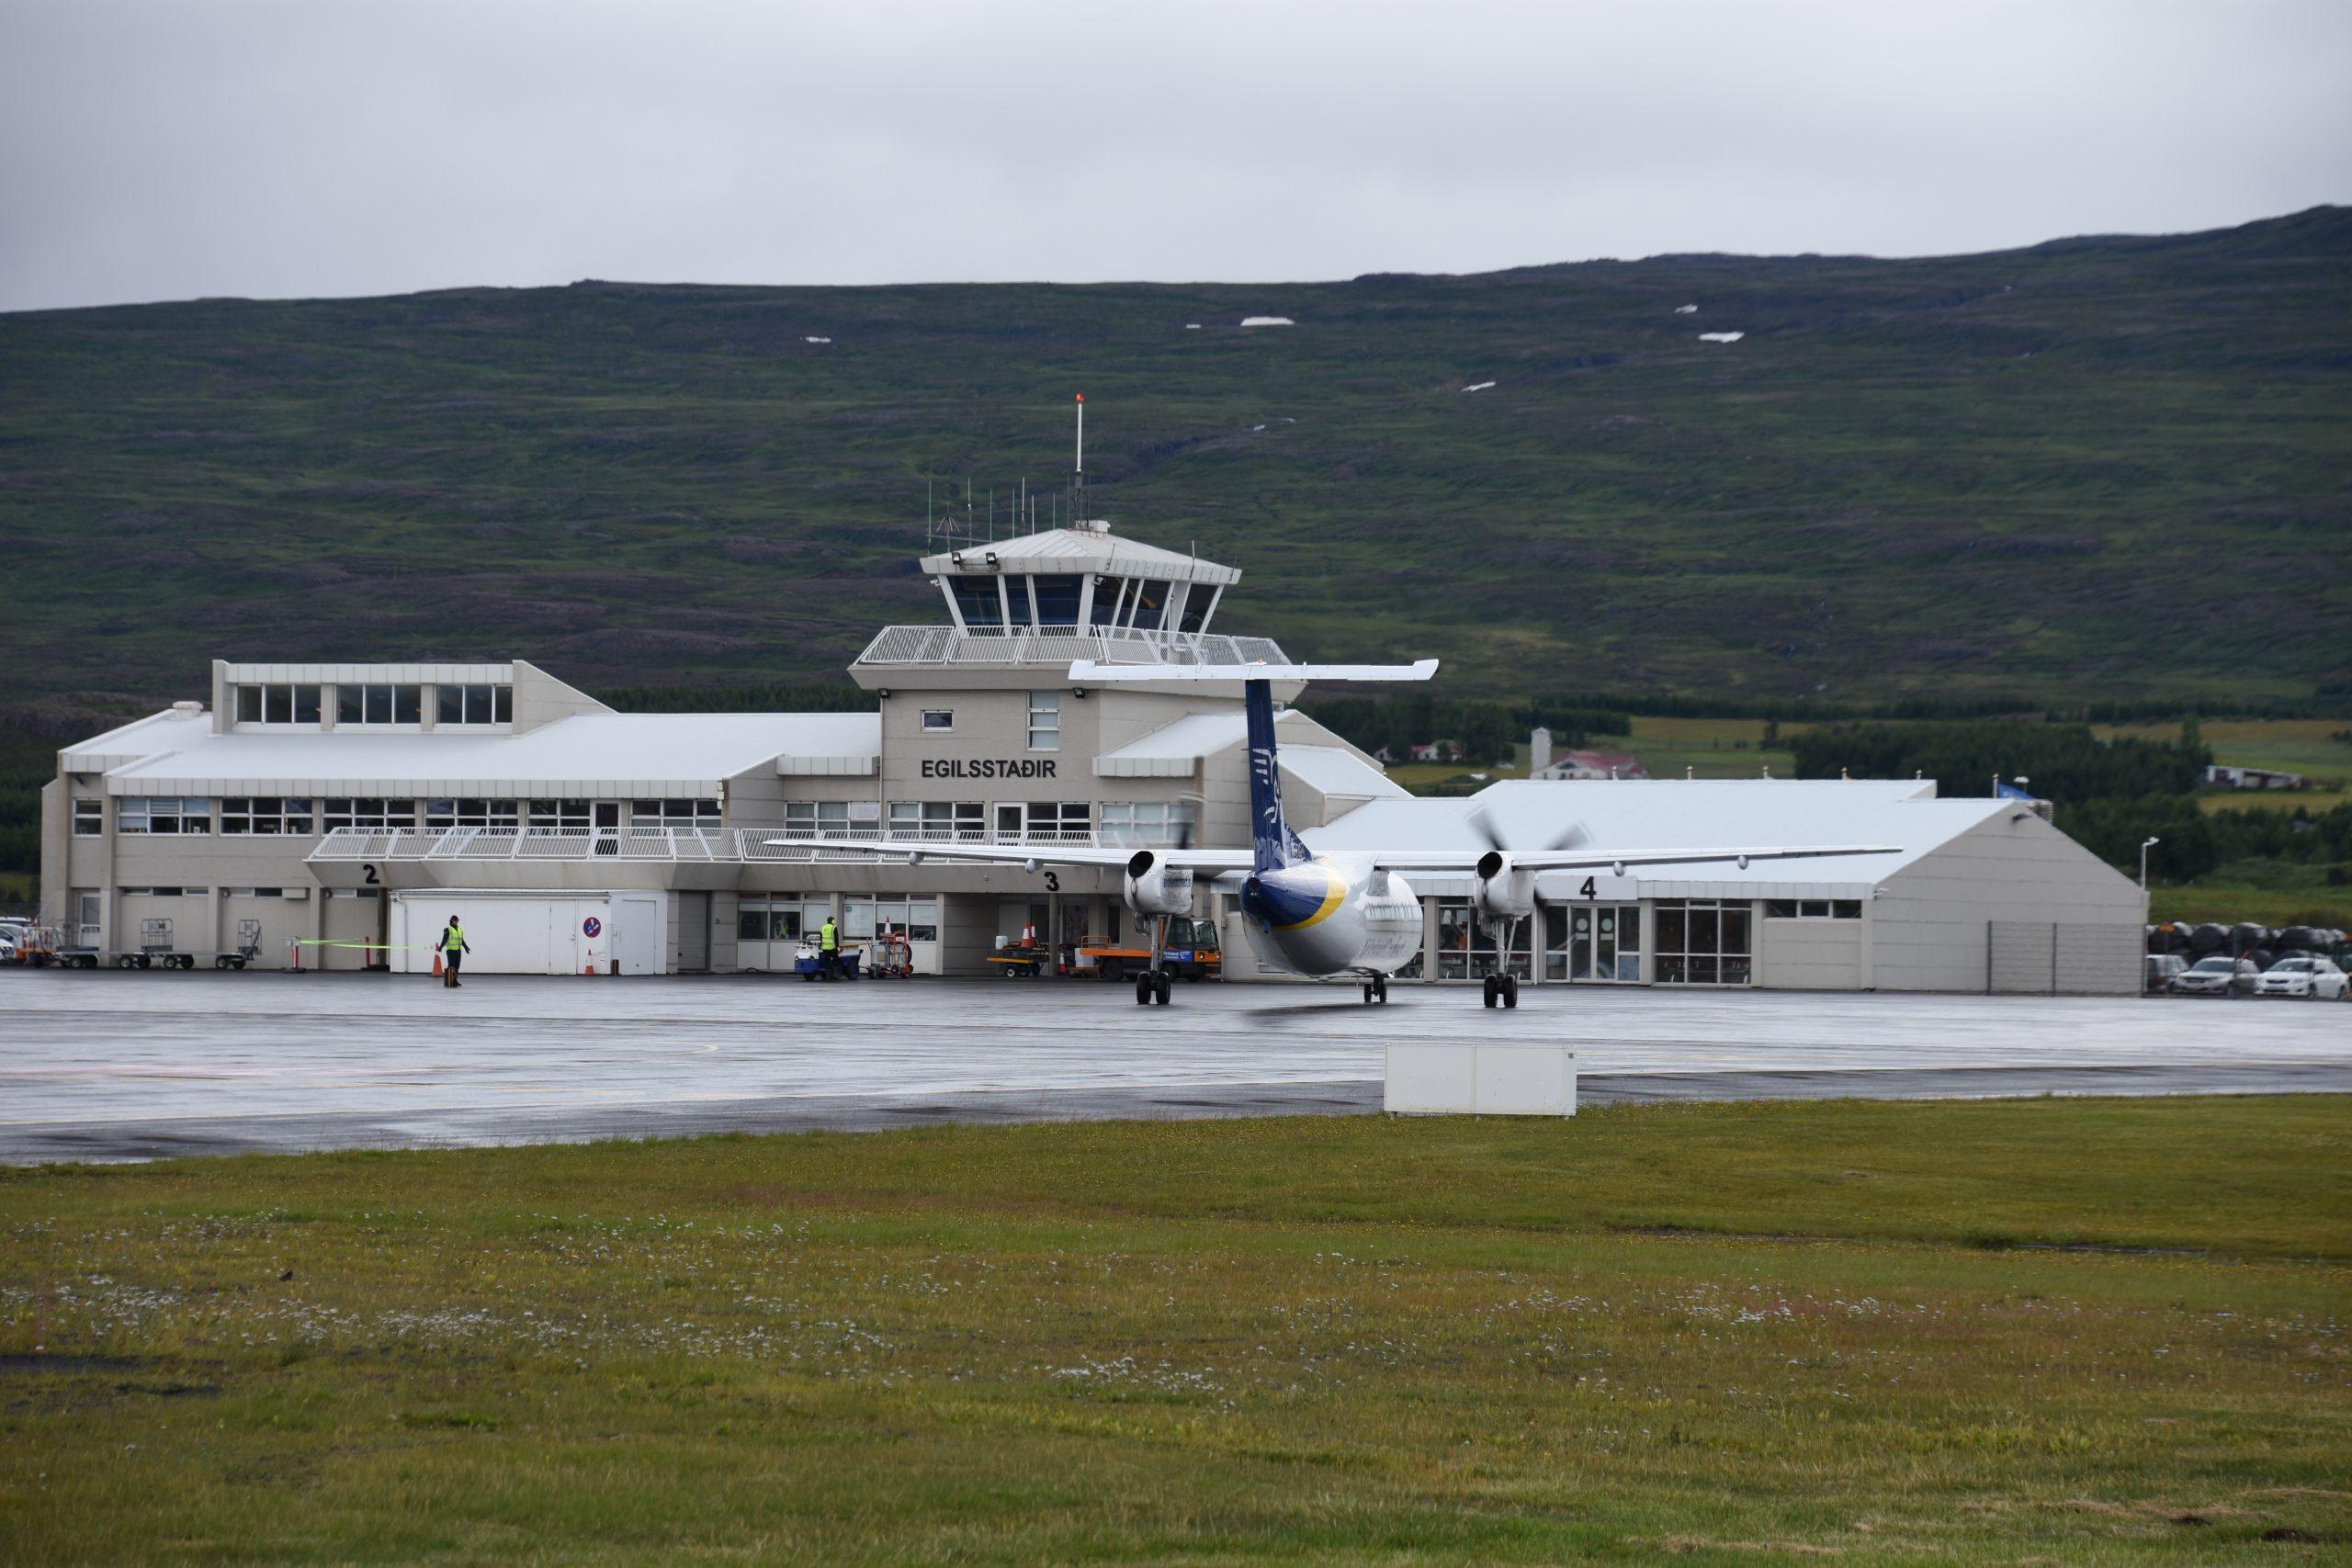 Egilsstaðir Airport i det østlige Island. Foto: AnonimitasUsario, CC 4.0